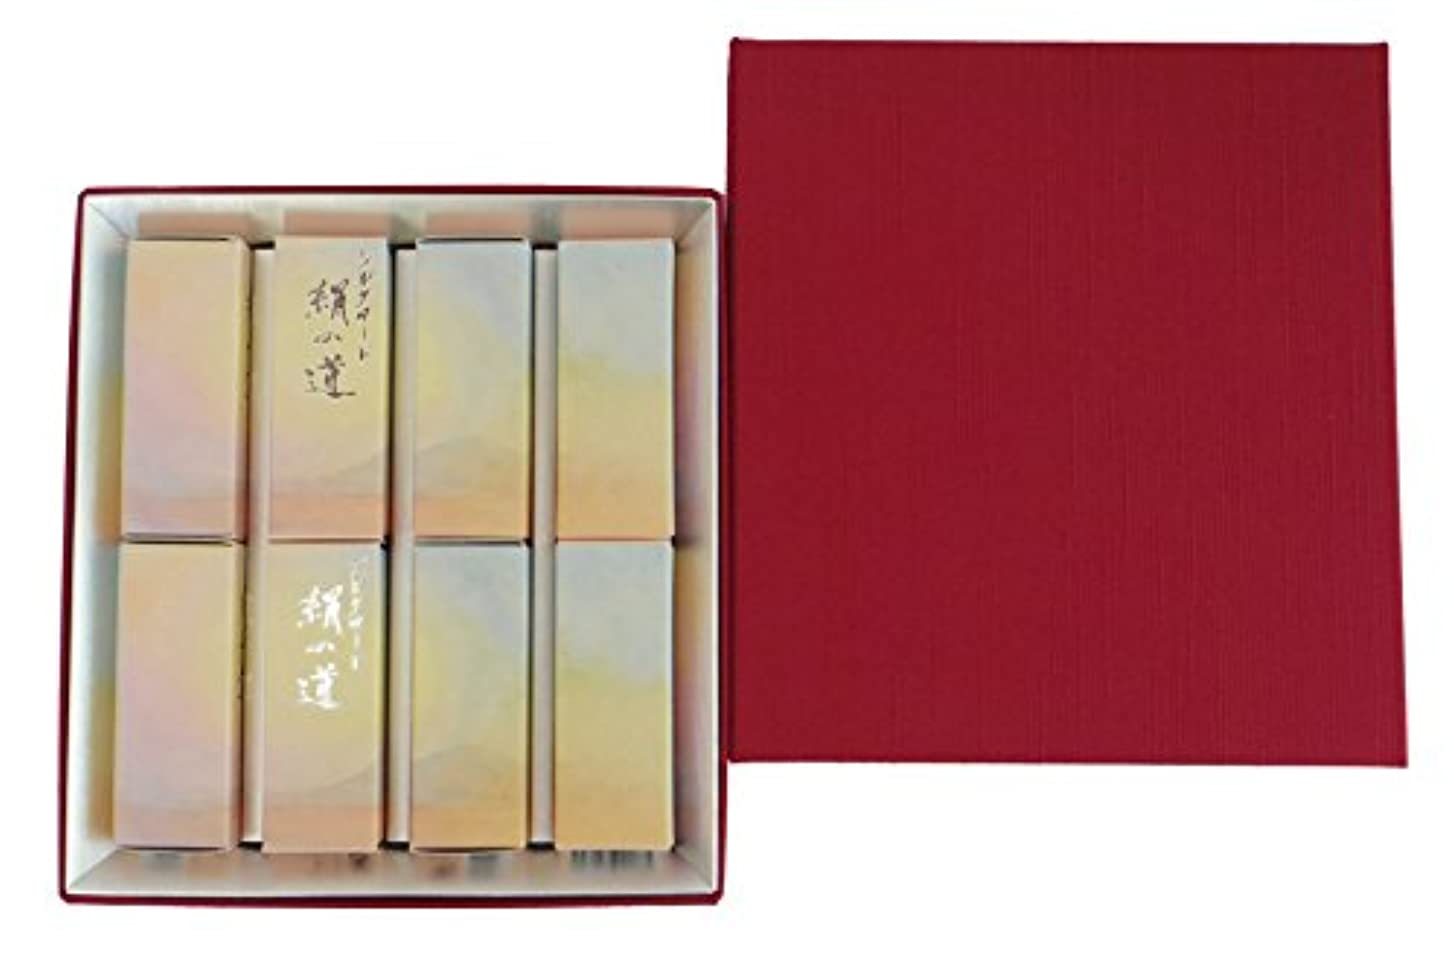 女性授業料精神丸叶むらたのお香 ハーフ寸ギフト シルクロード絹の道 8サック入 #SK-10